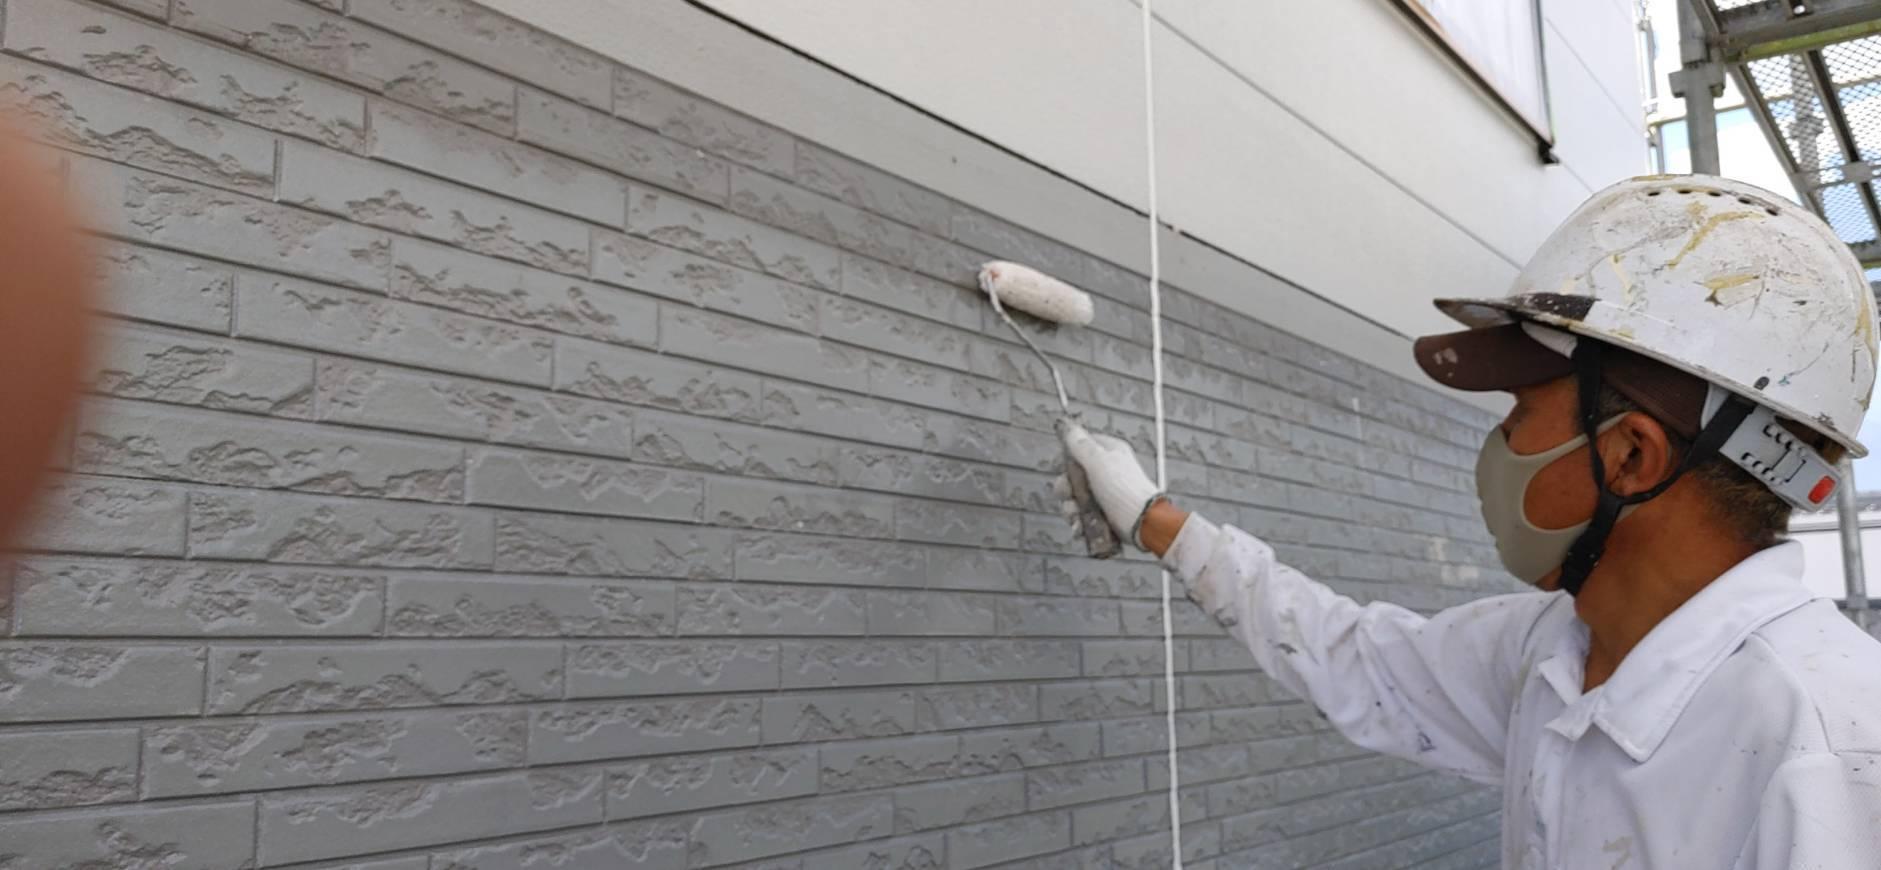 駒ケ根市の遮熱塗料を使った屋根と外壁の塗装現場で、中塗り作業が開始されました!